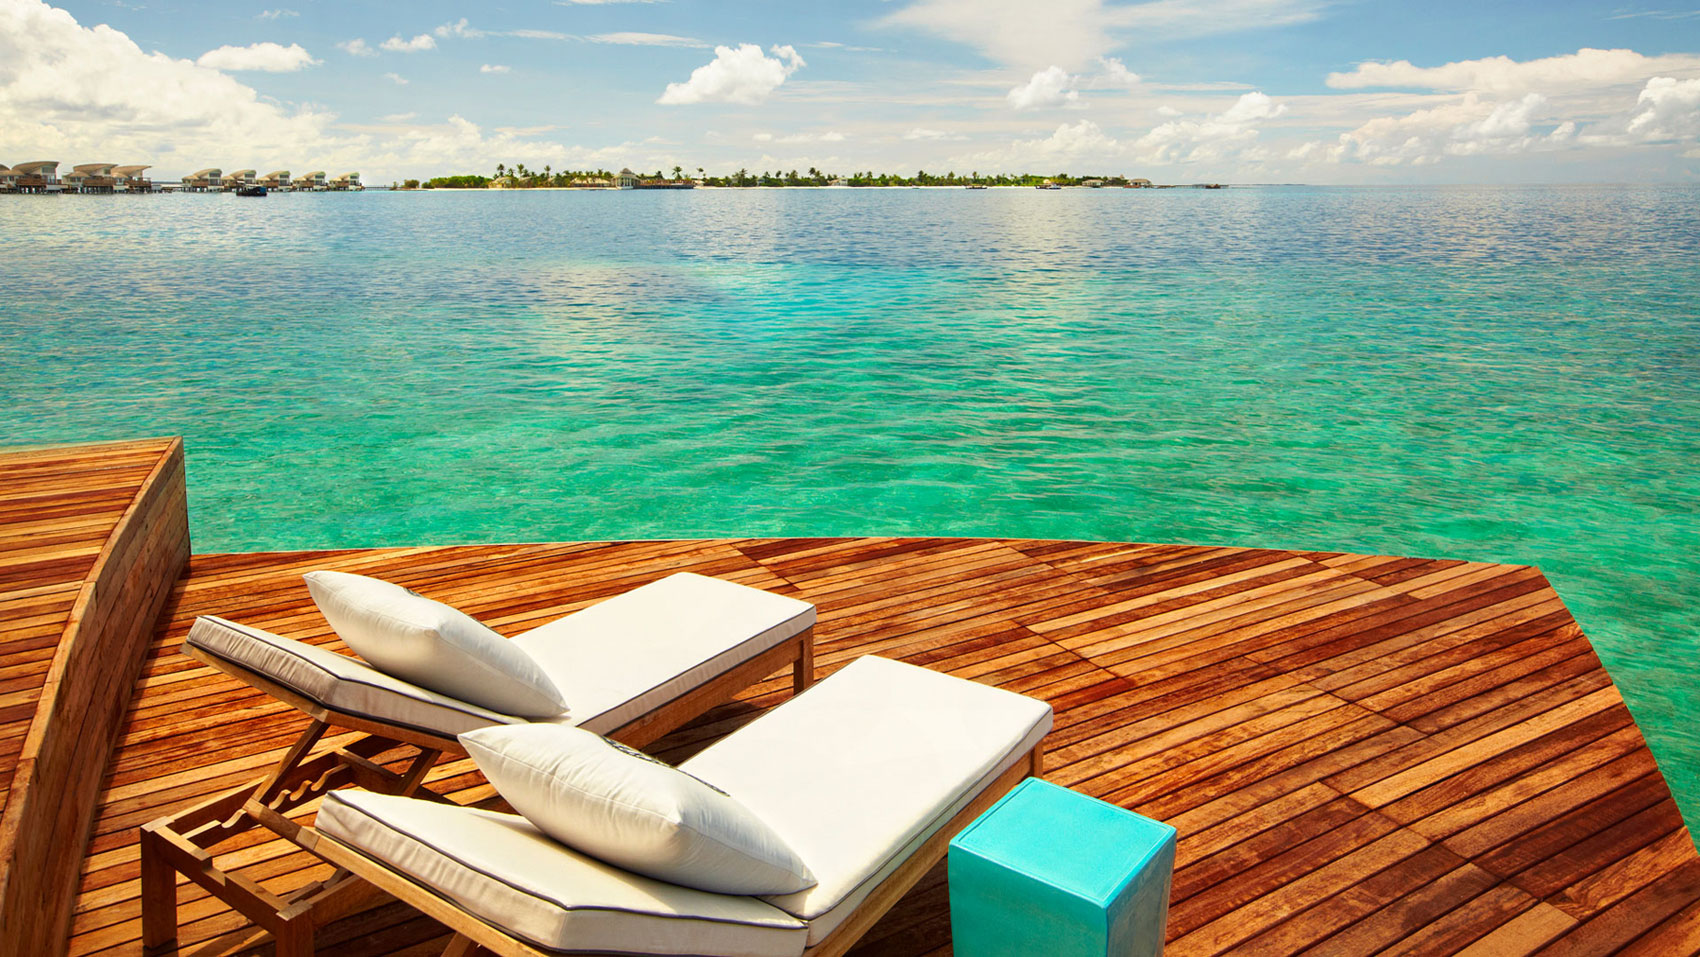 Viceroy-Hotel-Sand-Resort-11